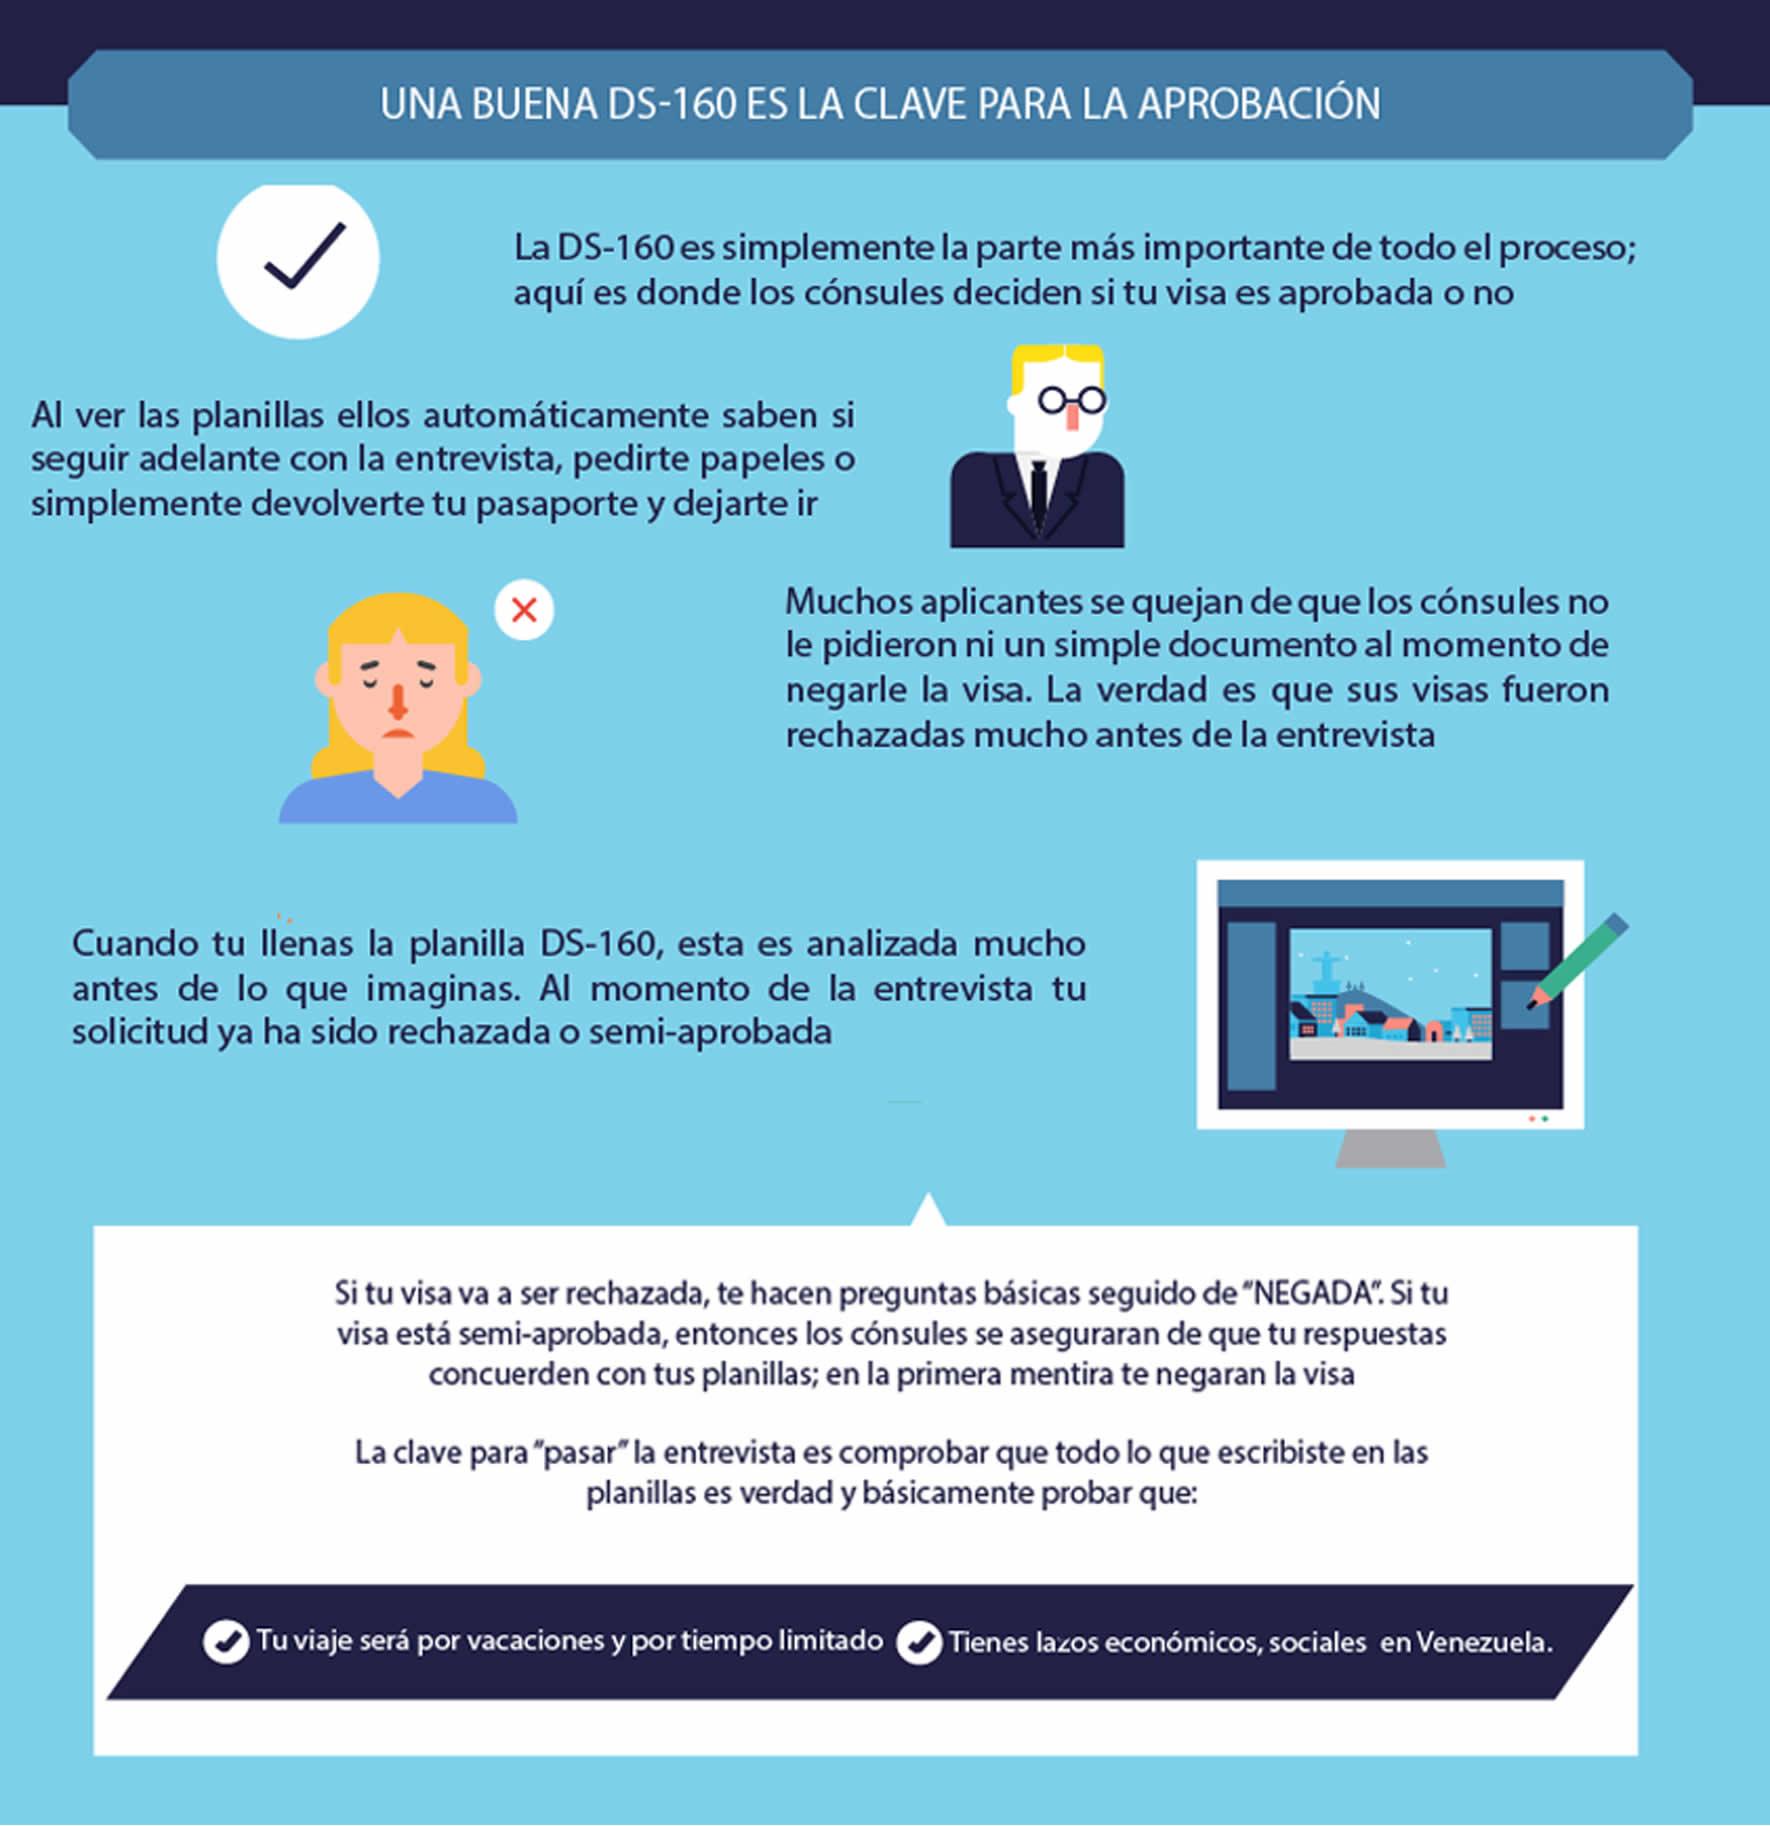 Como realizar la cita para la visa en la Embajada de Estados Unidos en Venezuela (6)